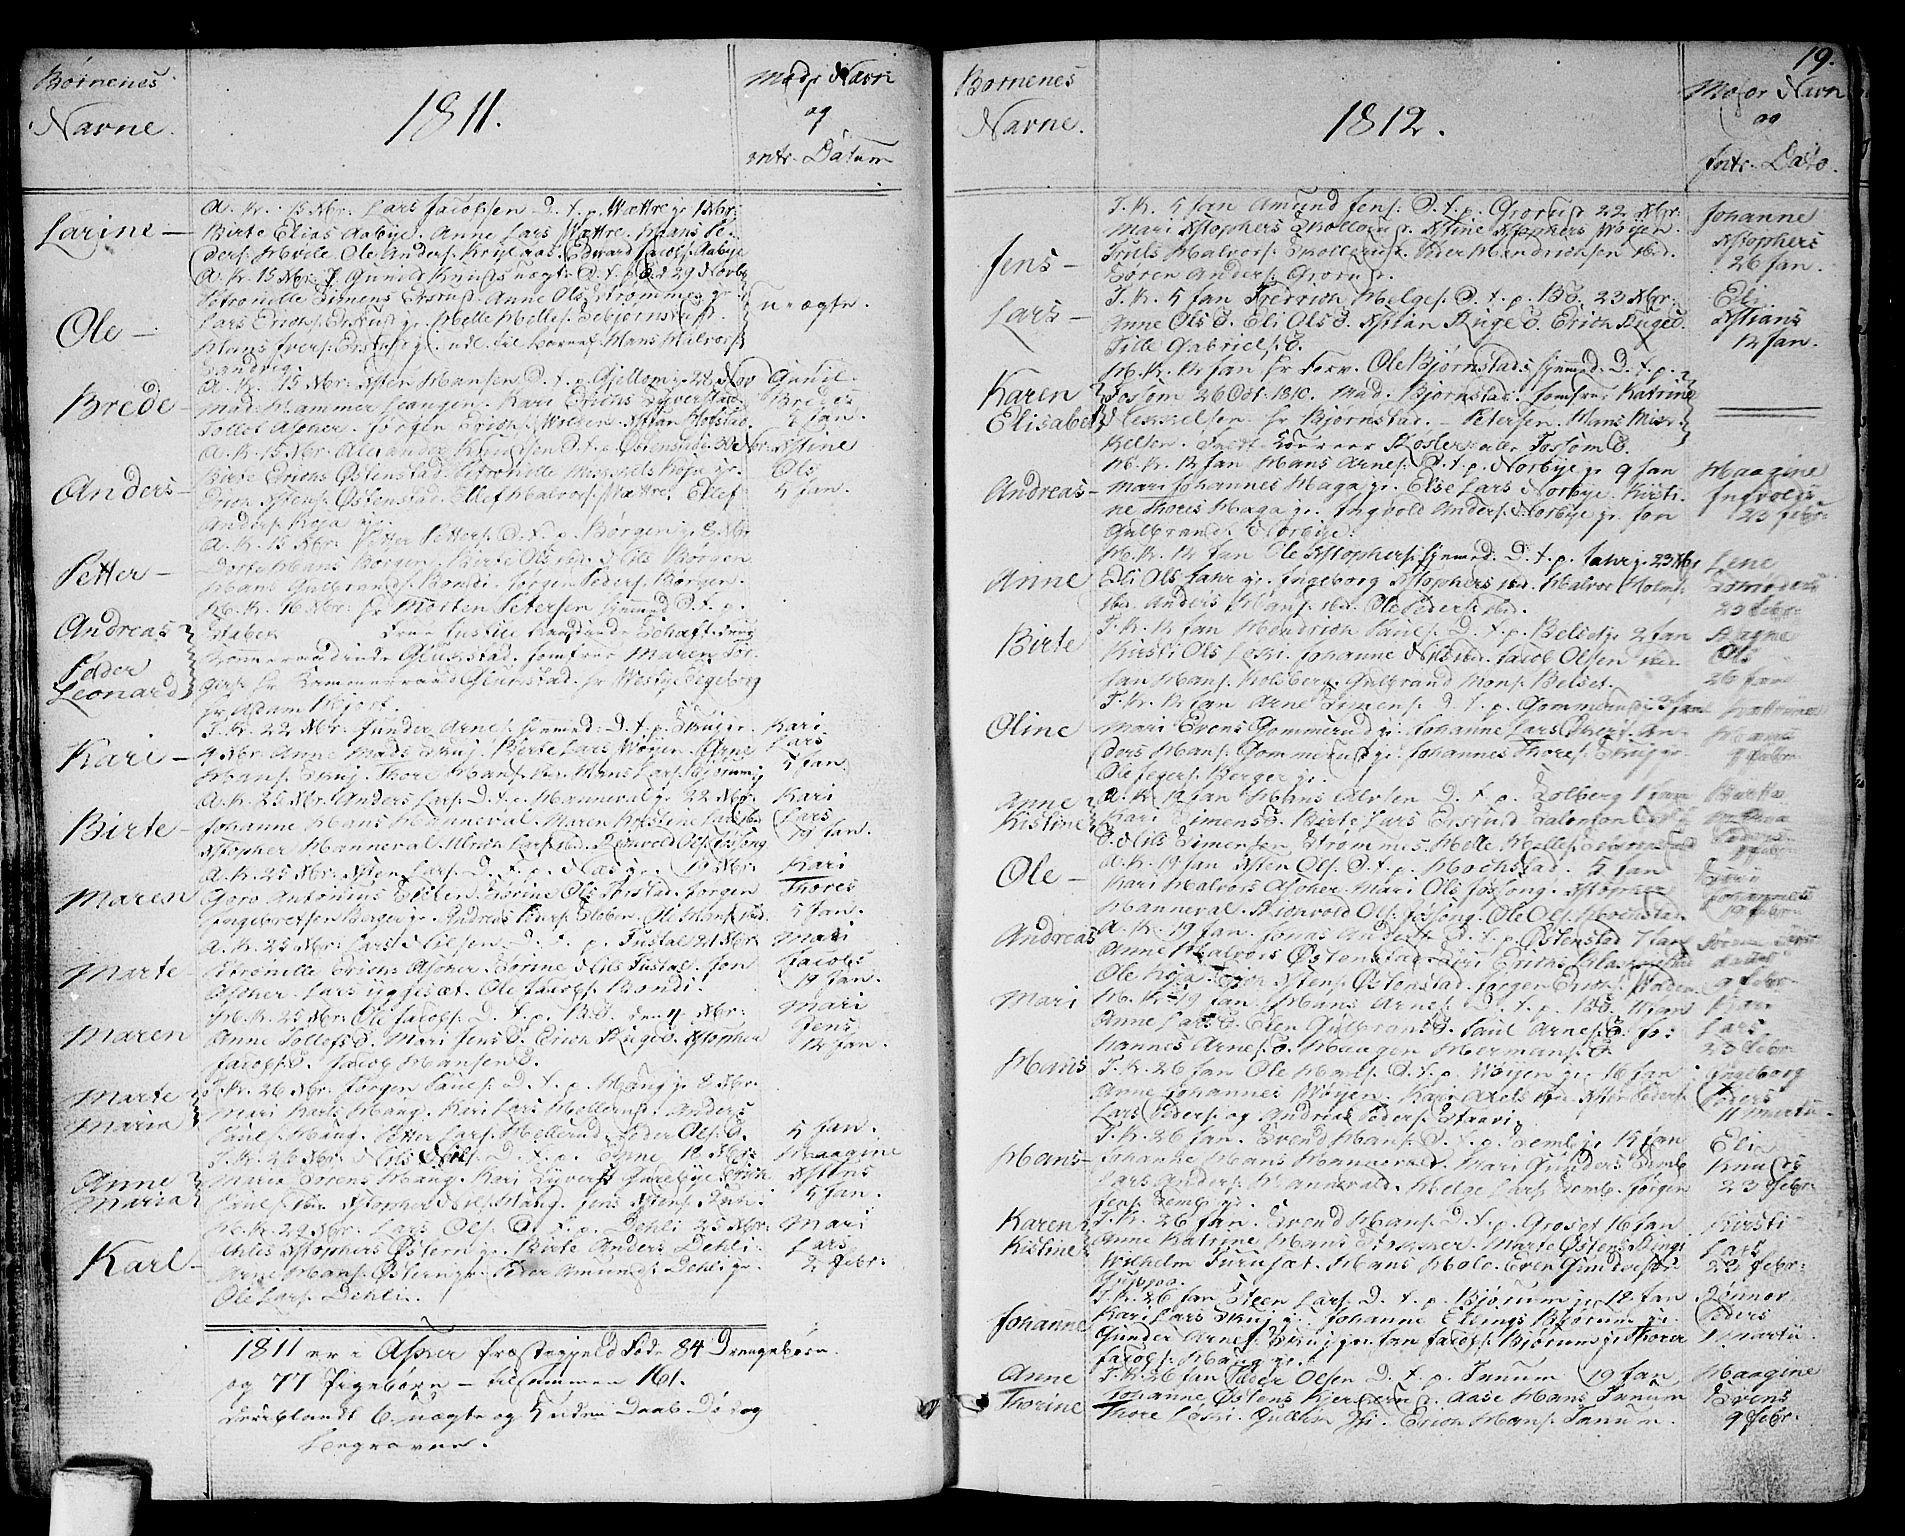 SAO, Asker prestekontor Kirkebøker, F/Fa/L0005: Ministerialbok nr. I 5, 1807-1813, s. 19